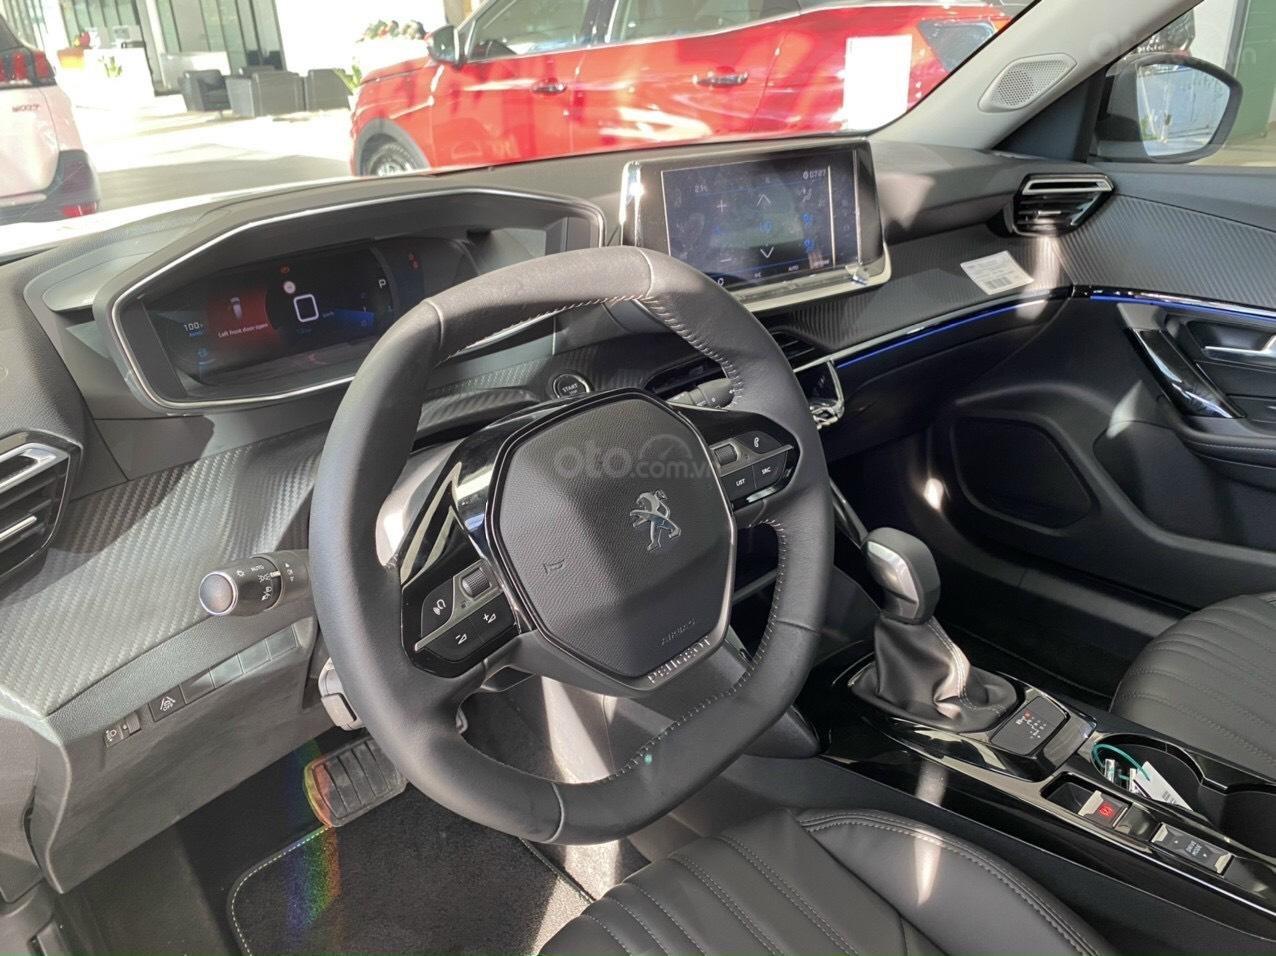 Chương trình khuyến mãi siêu hot cùng ô tô Peugeot 2008 sản xuất 2020 (3)